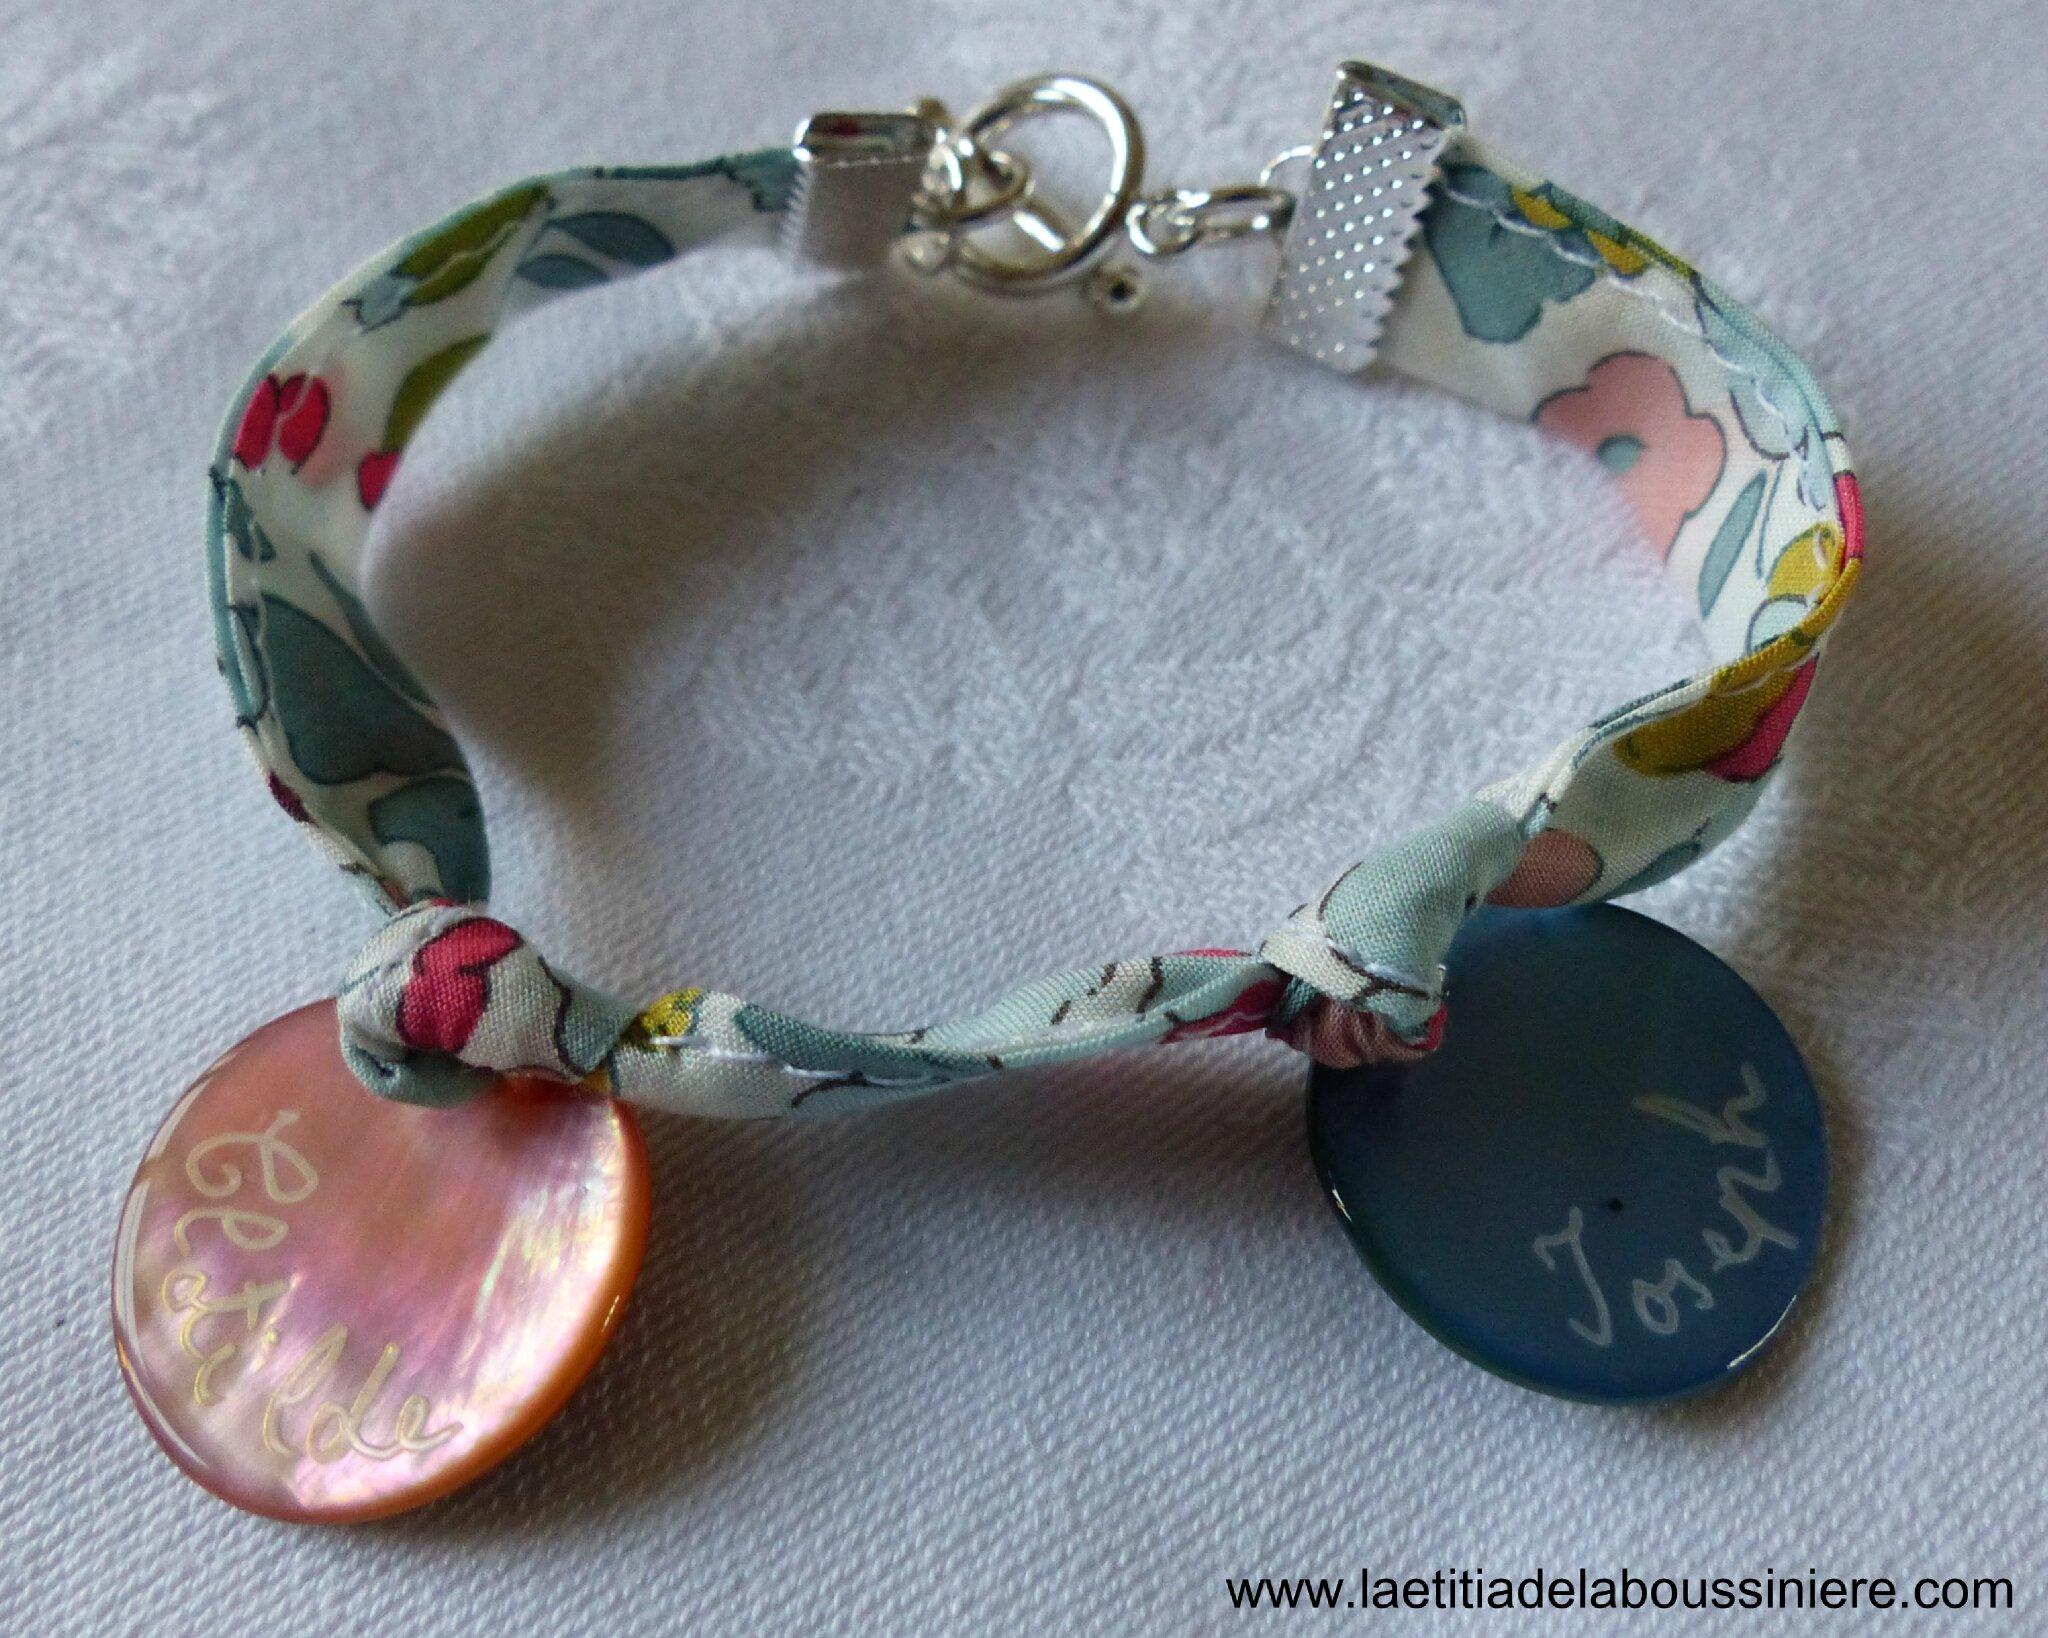 Bracelet sur ruban Betsy porcelaine, médailles en nacre gravées et mini médaille miraculeuse